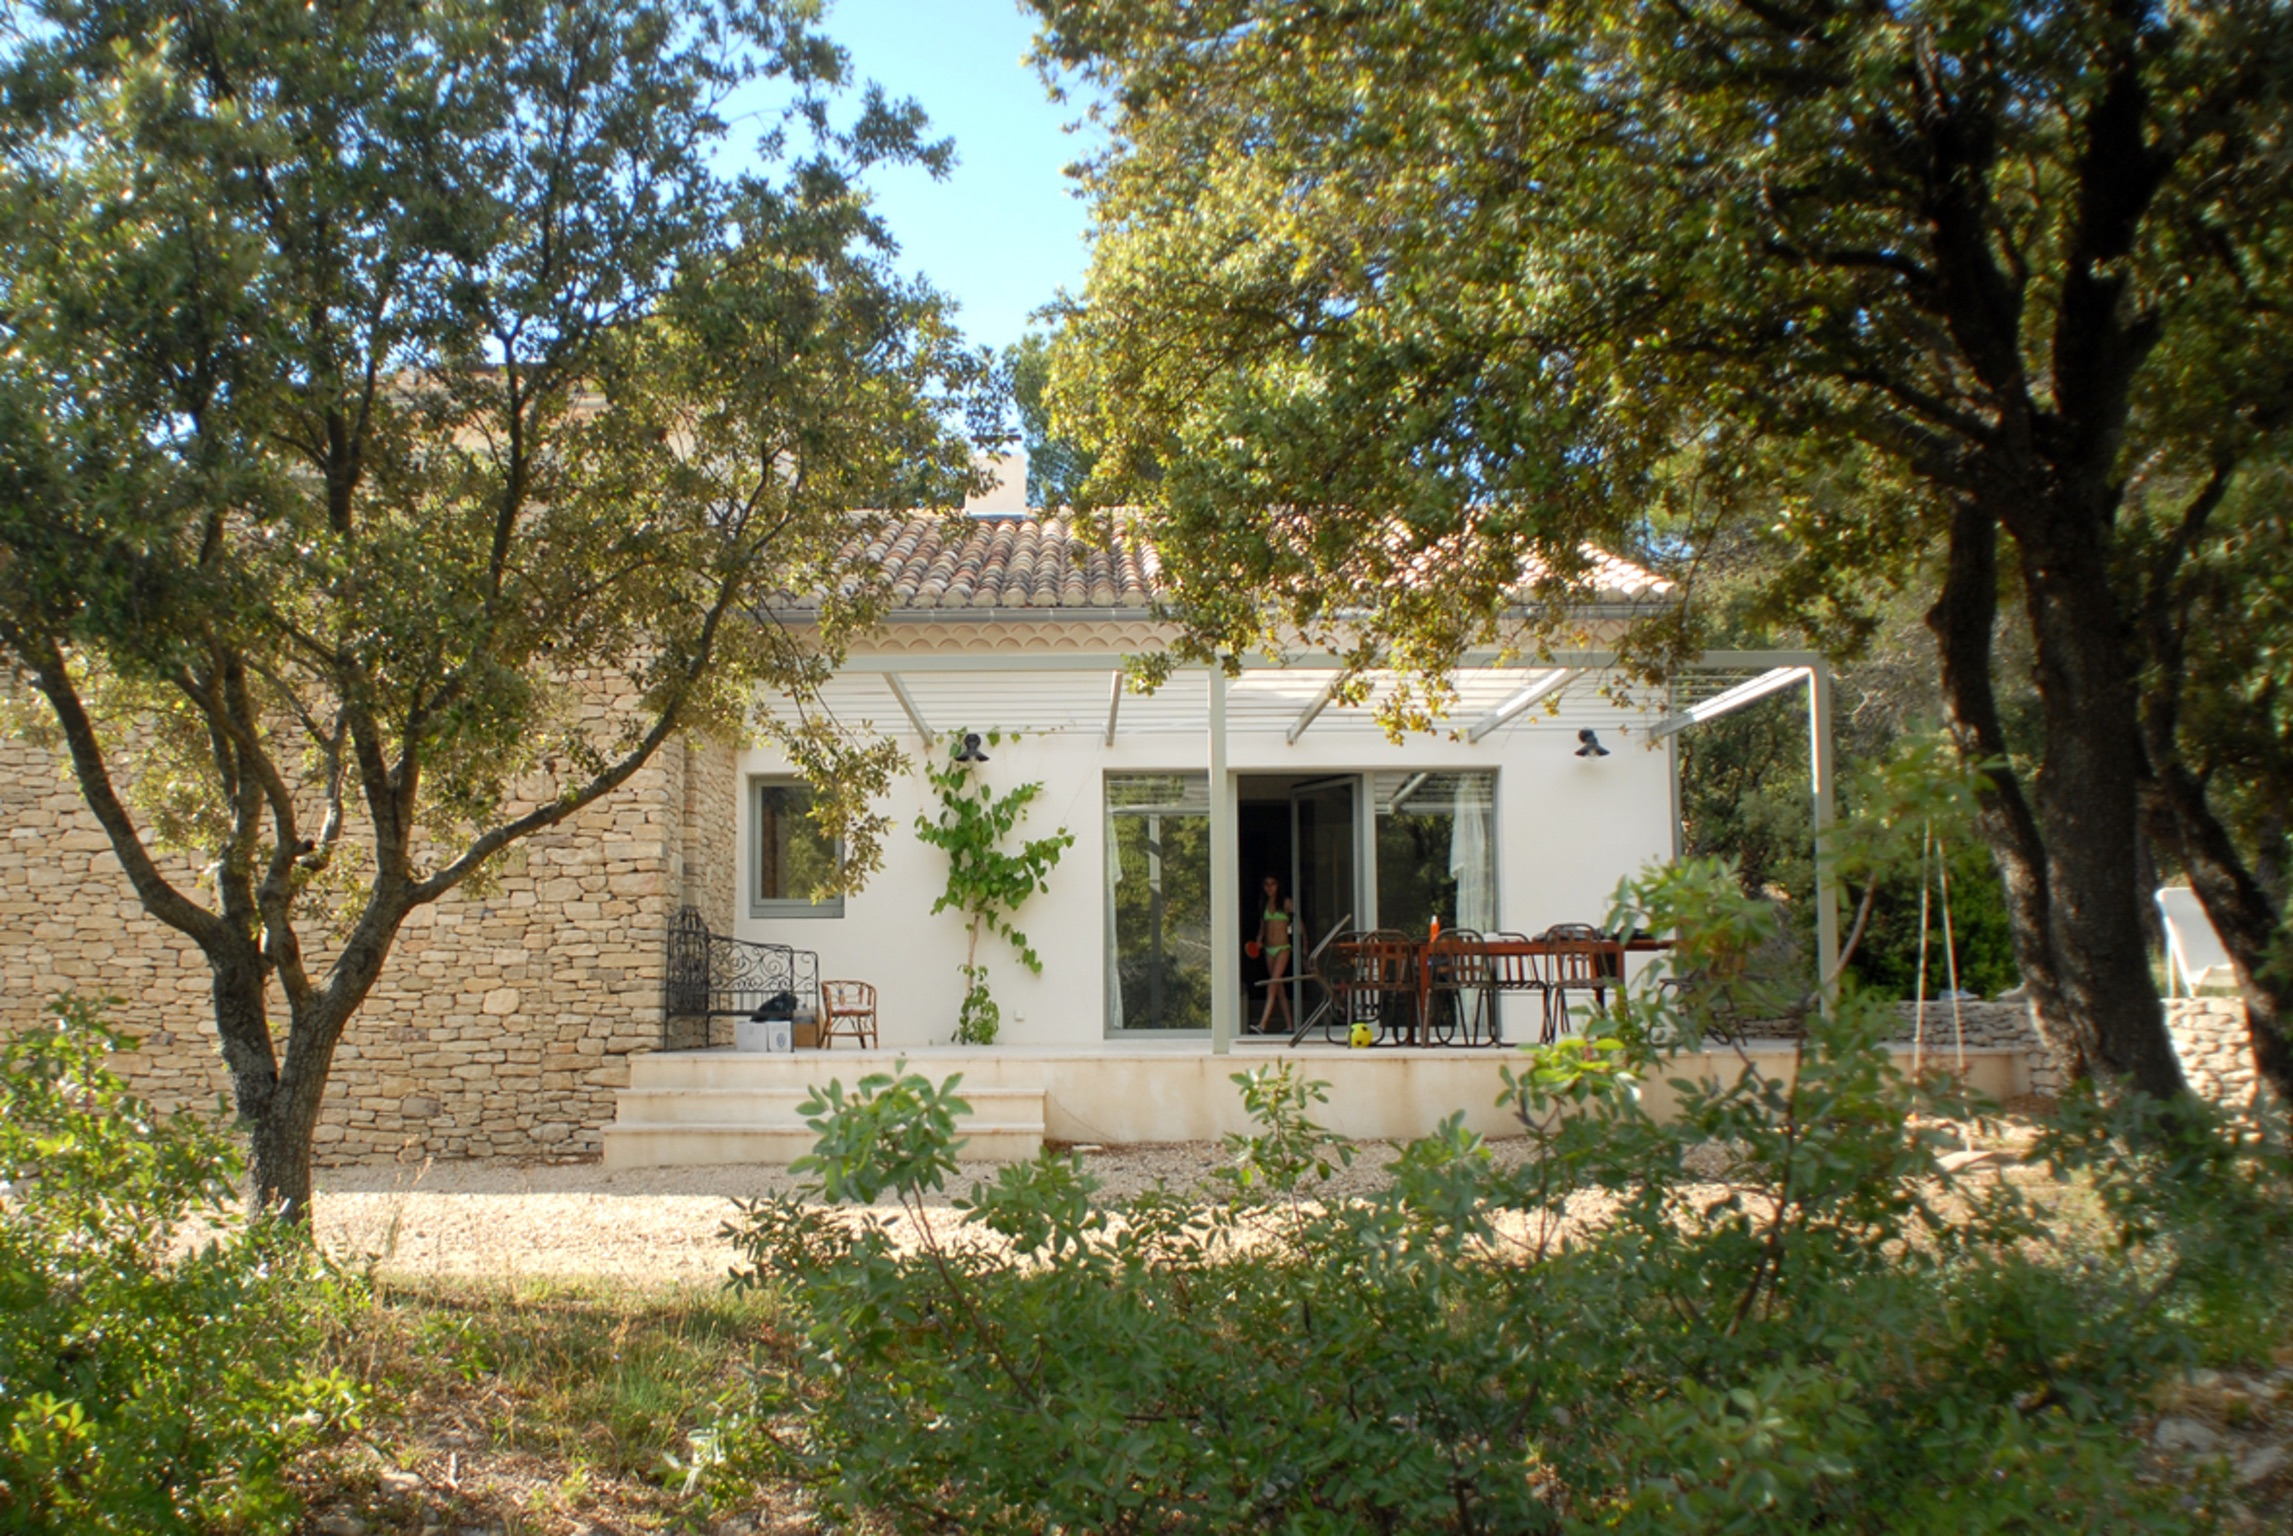 Maison de vacances Herrliches Landhaus in L'Isle-sur-la-Sorgue mit großem Gemeinschaftspool und herrlichem Bl (2202725), L'Isle sur la Sorgue, Vaucluse, Provence - Alpes - Côte d'Azur, France, image 15